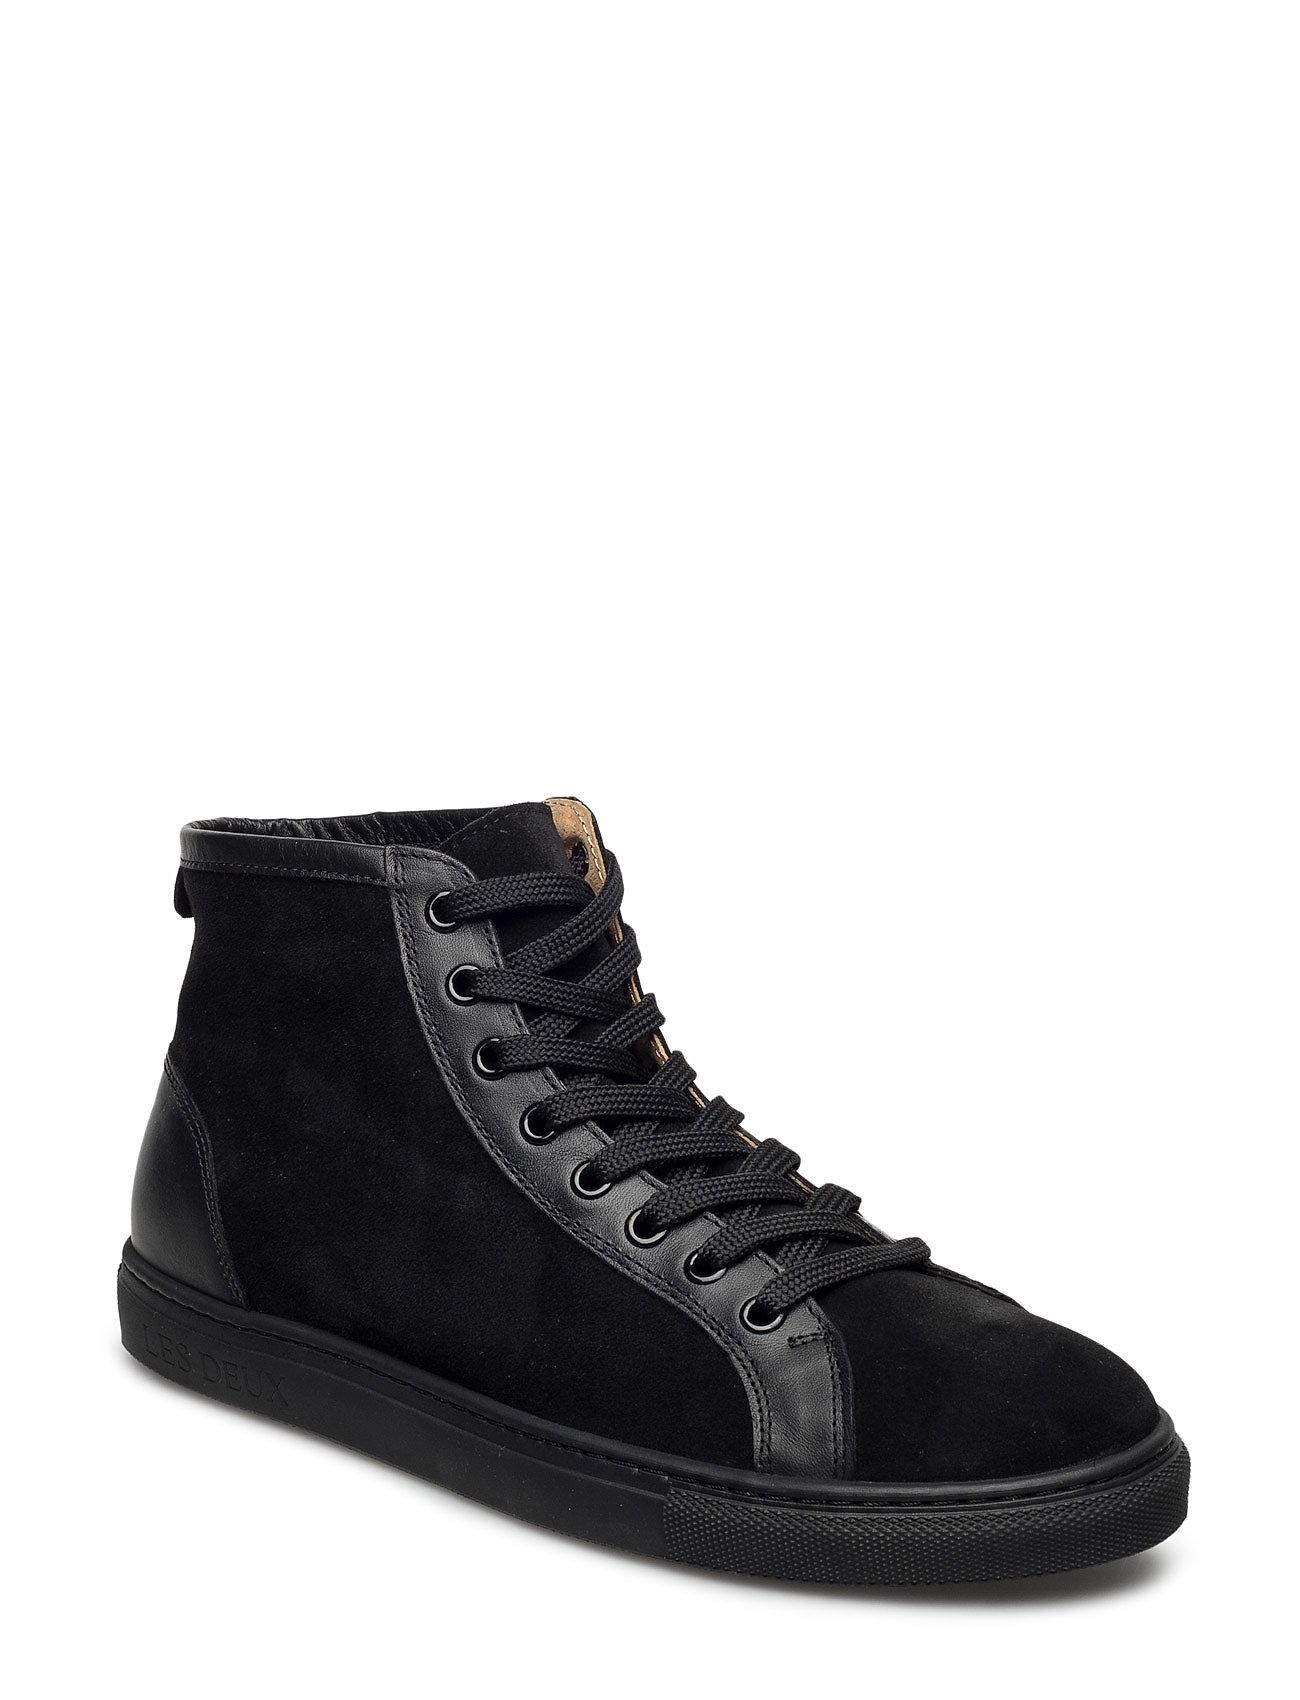 Shoes William Les Deux Sneakers til Mænd i Brun